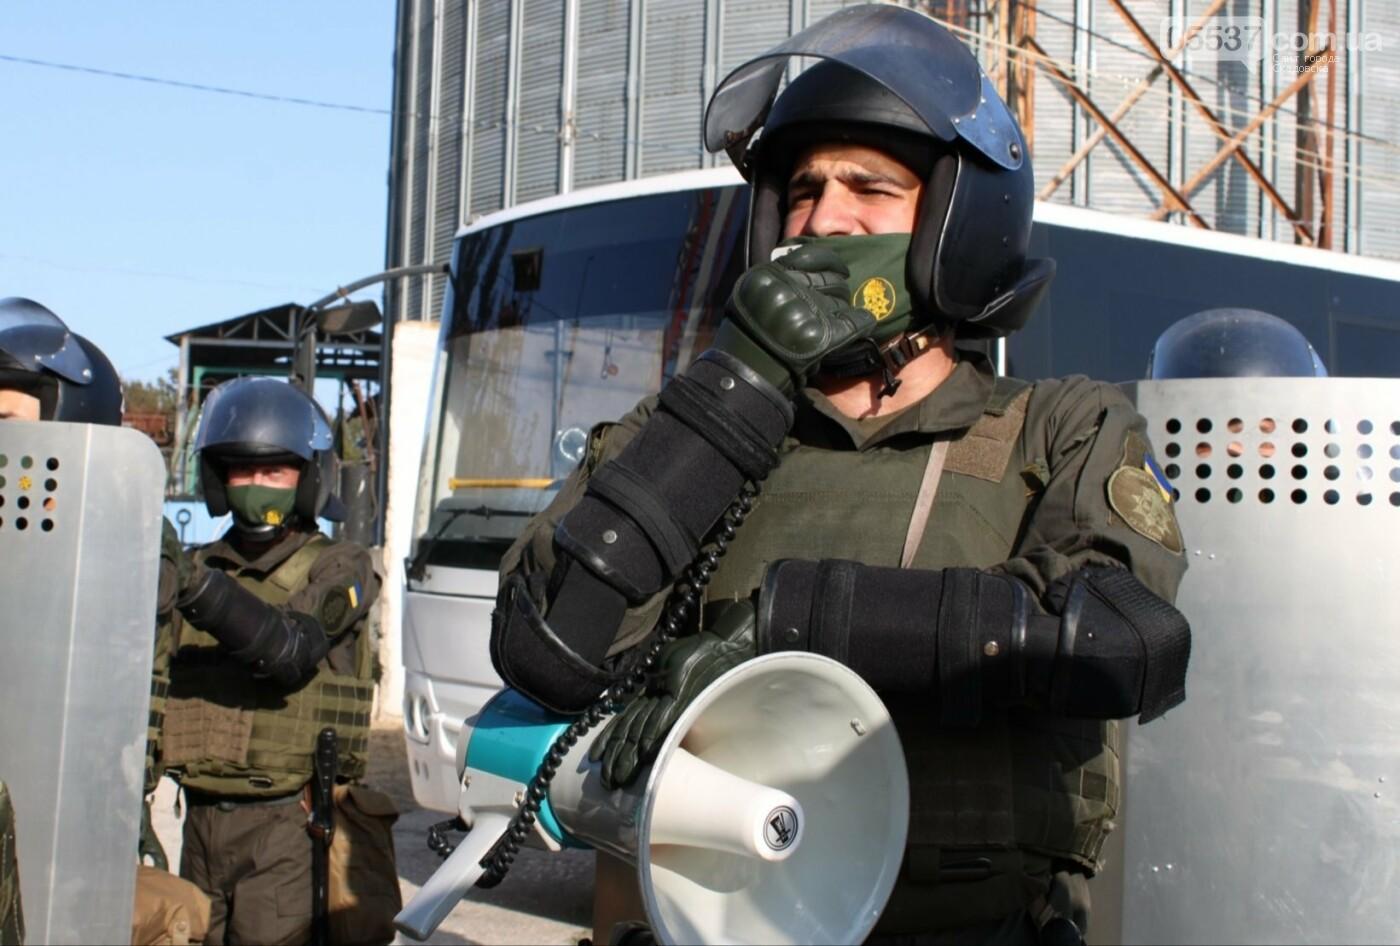 Появились фото вчерашних учений в Скадовске с участием Зеленского, фото-2